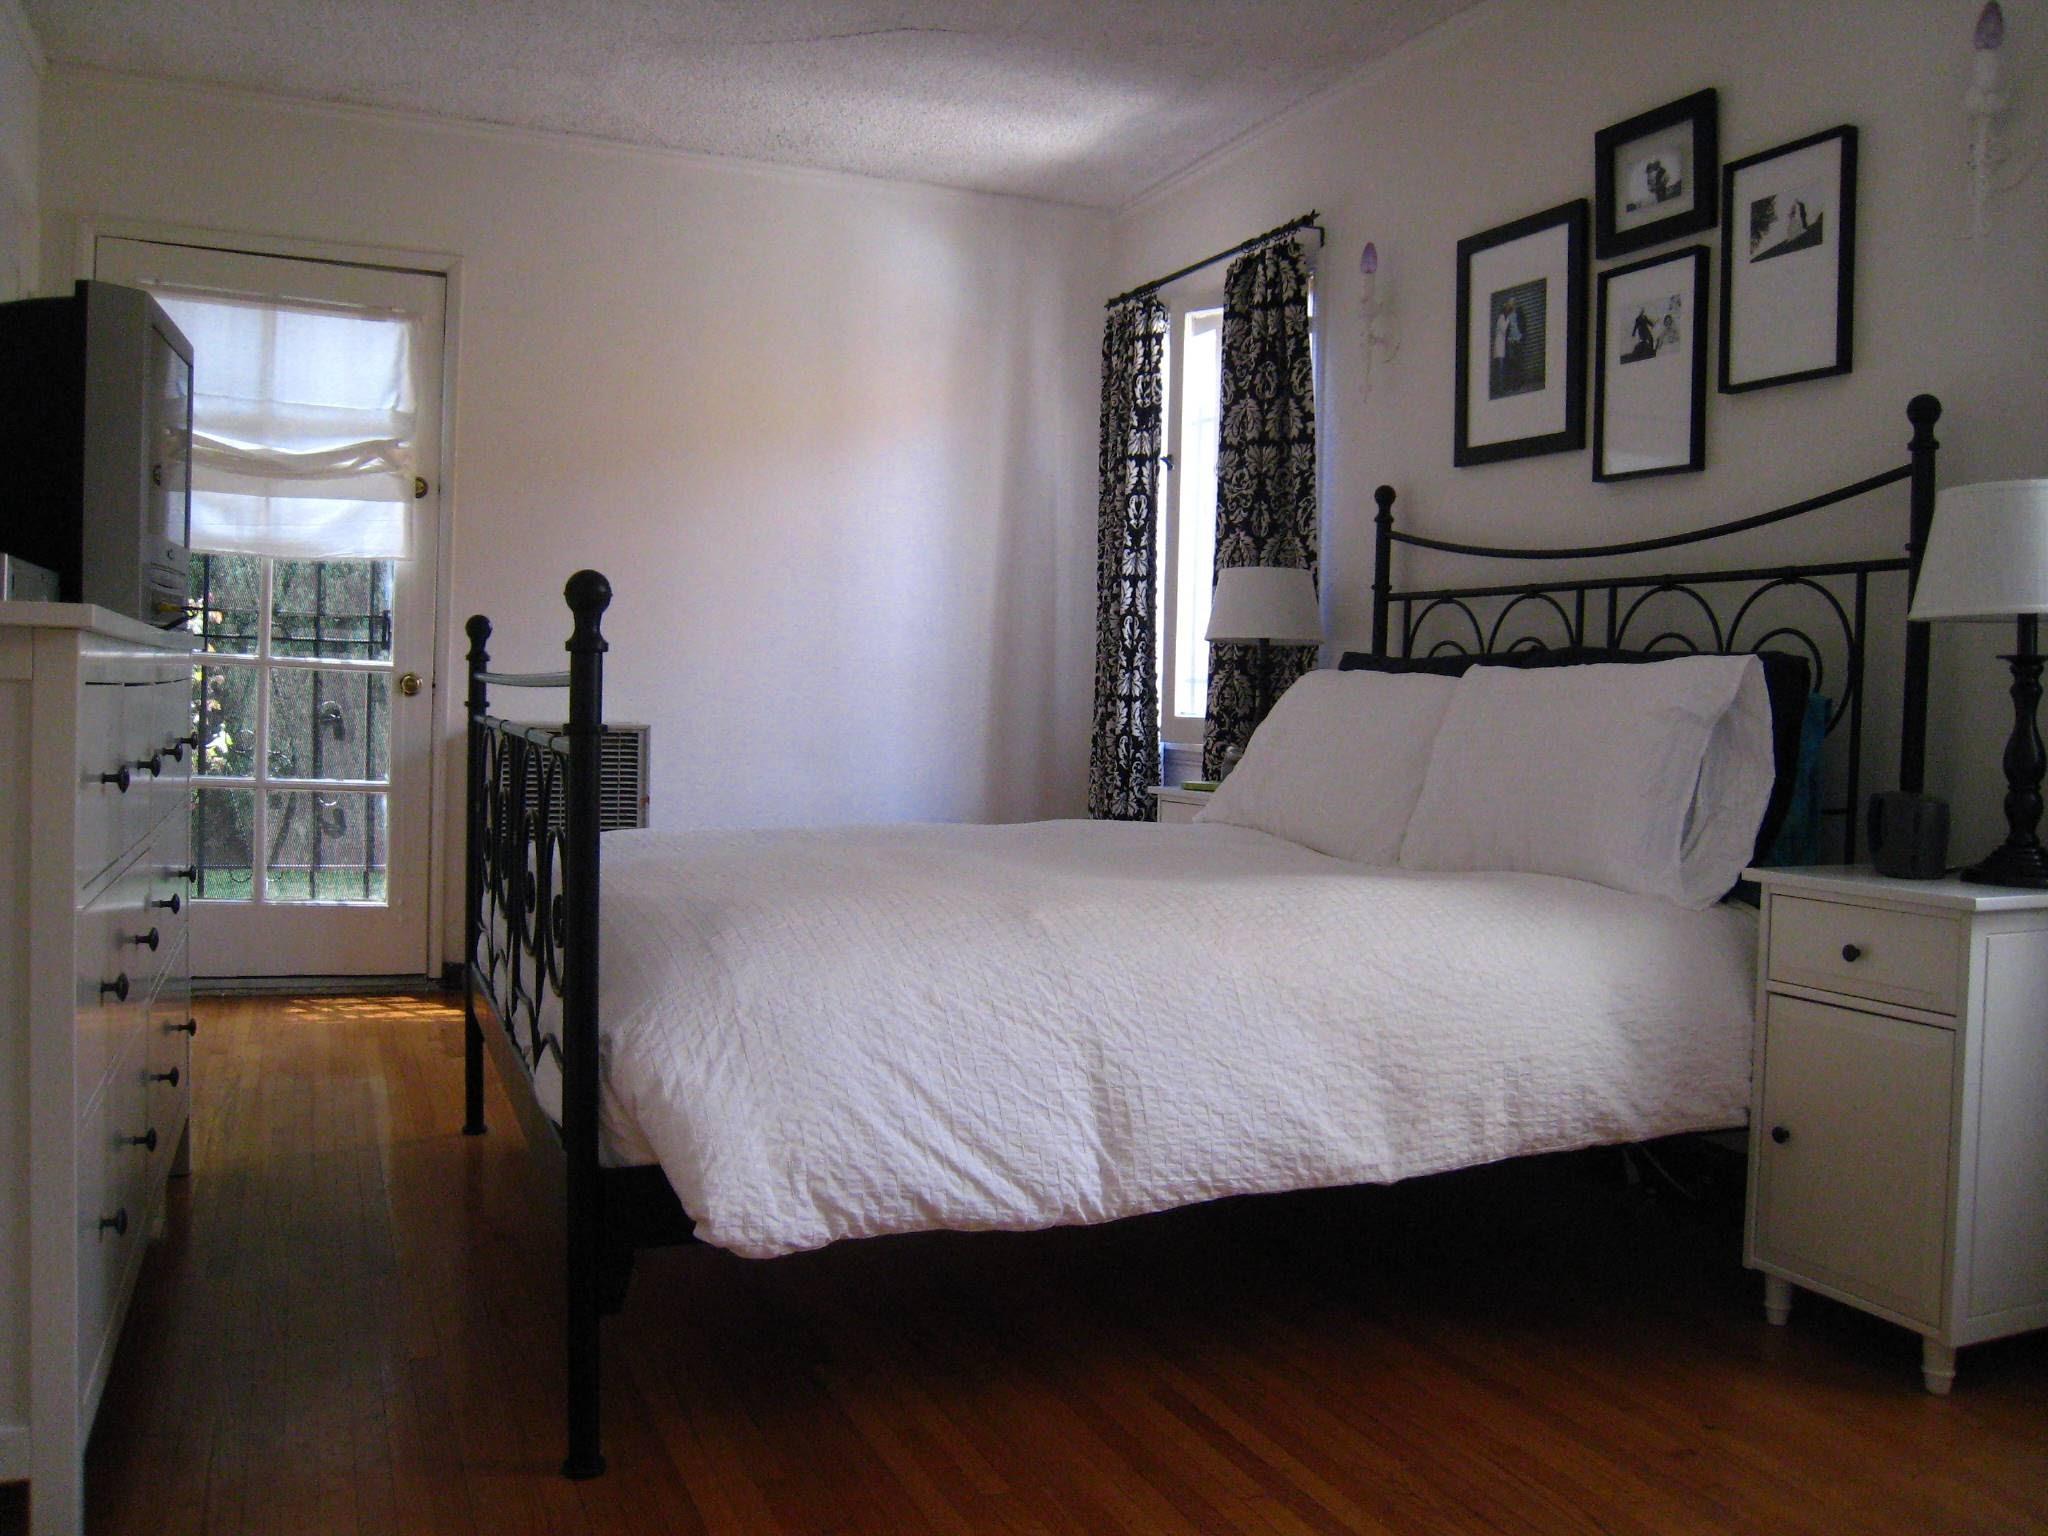 Bedroom Bed Panel